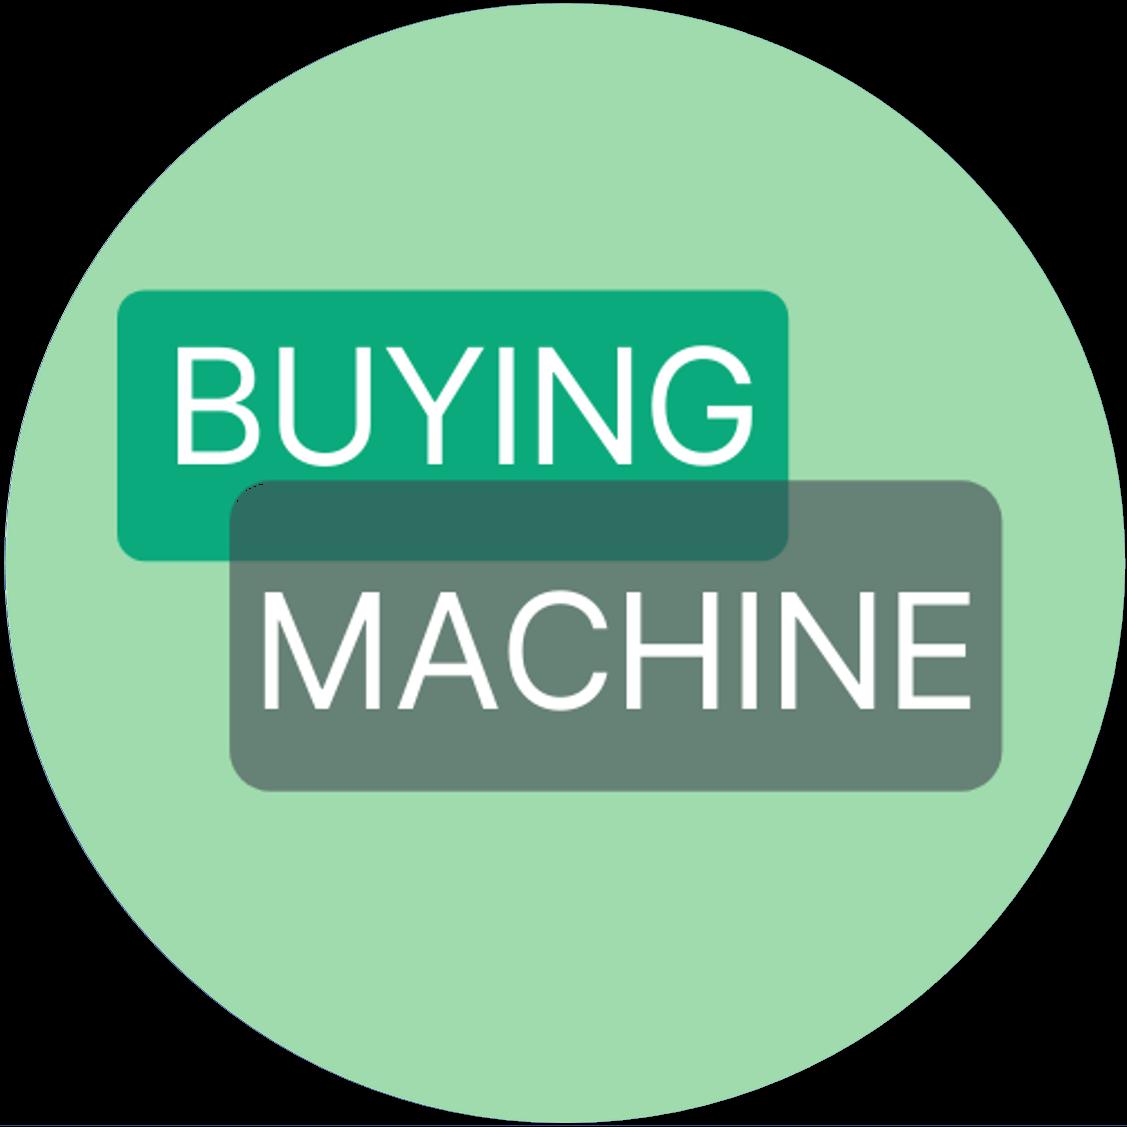 Buying Machine